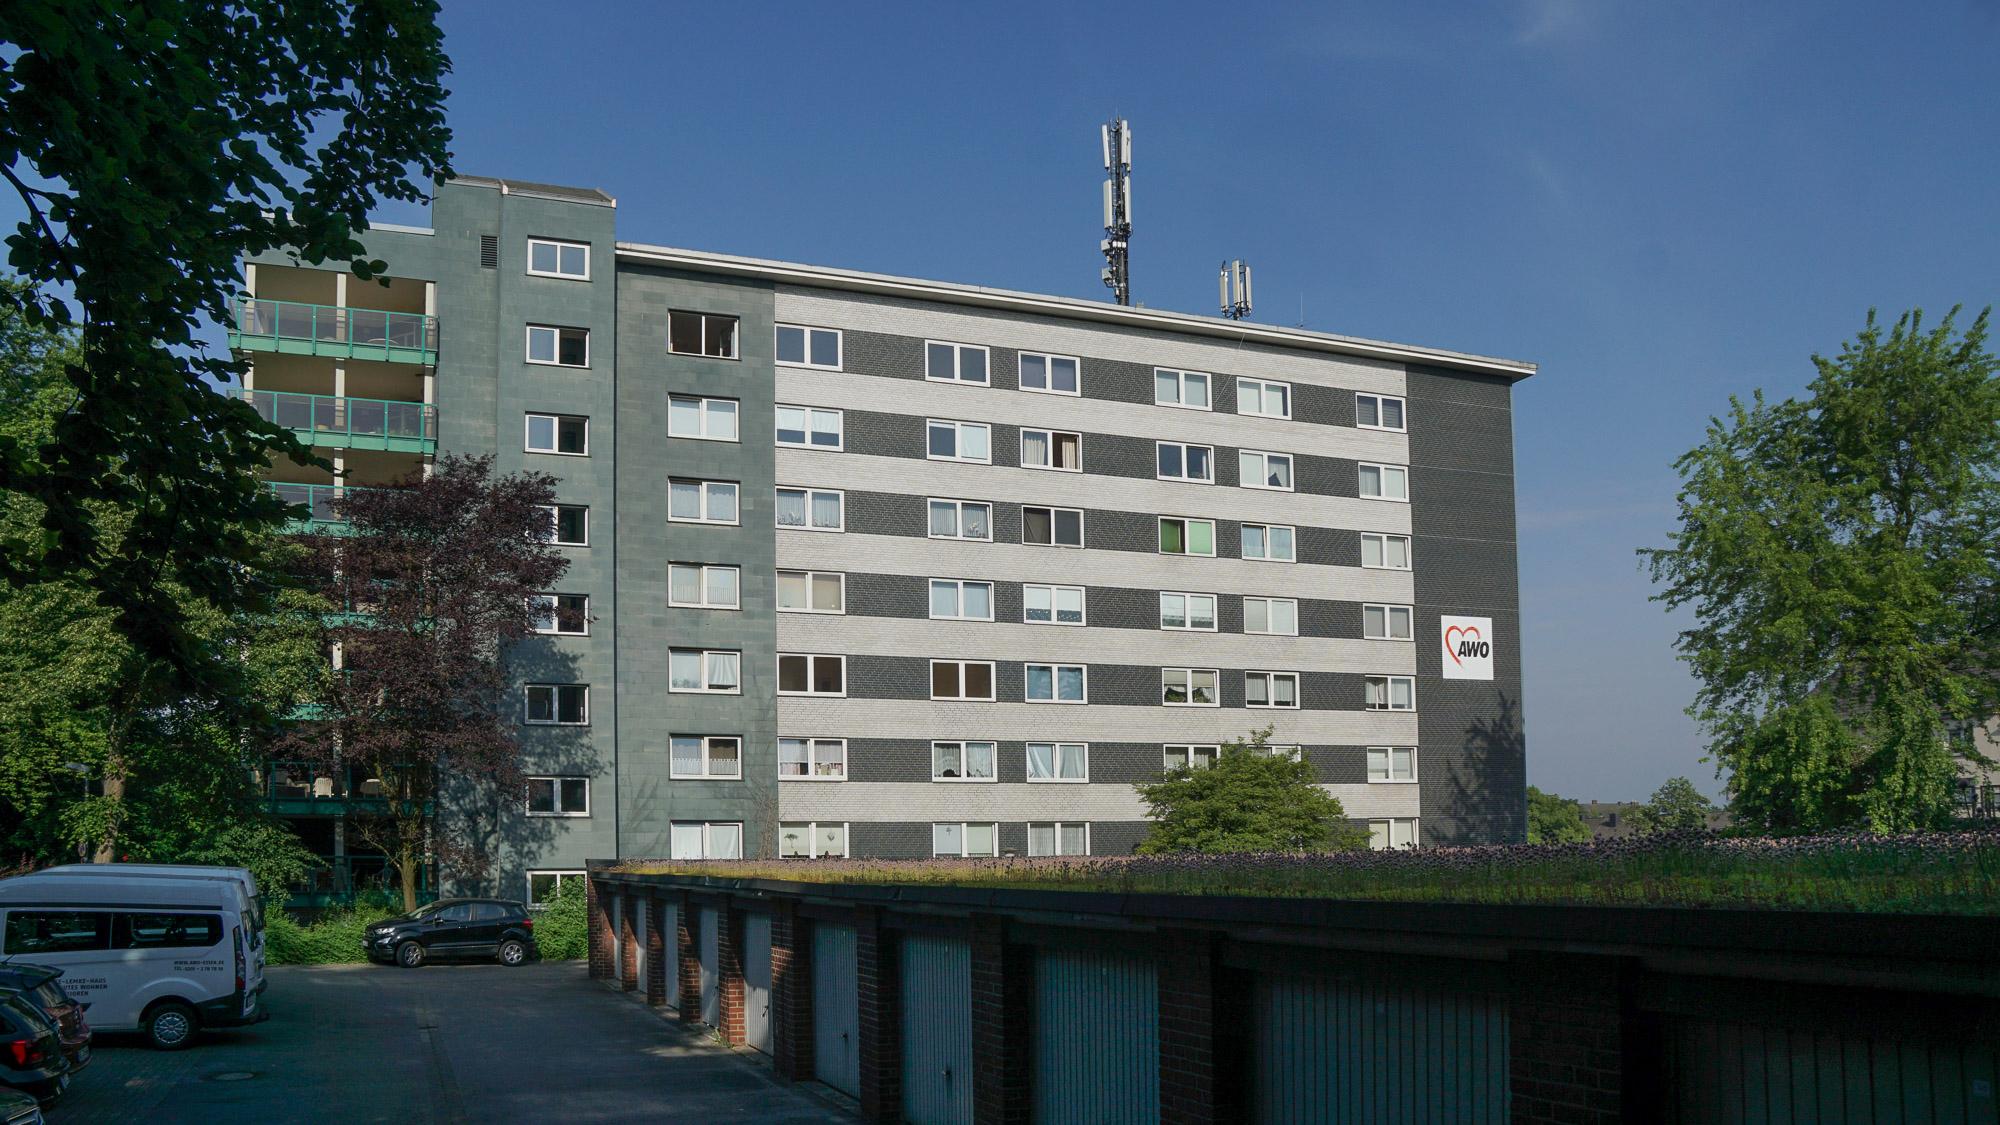 Achtstöckiges Wohngebäude mit Antennen auf dem Dach